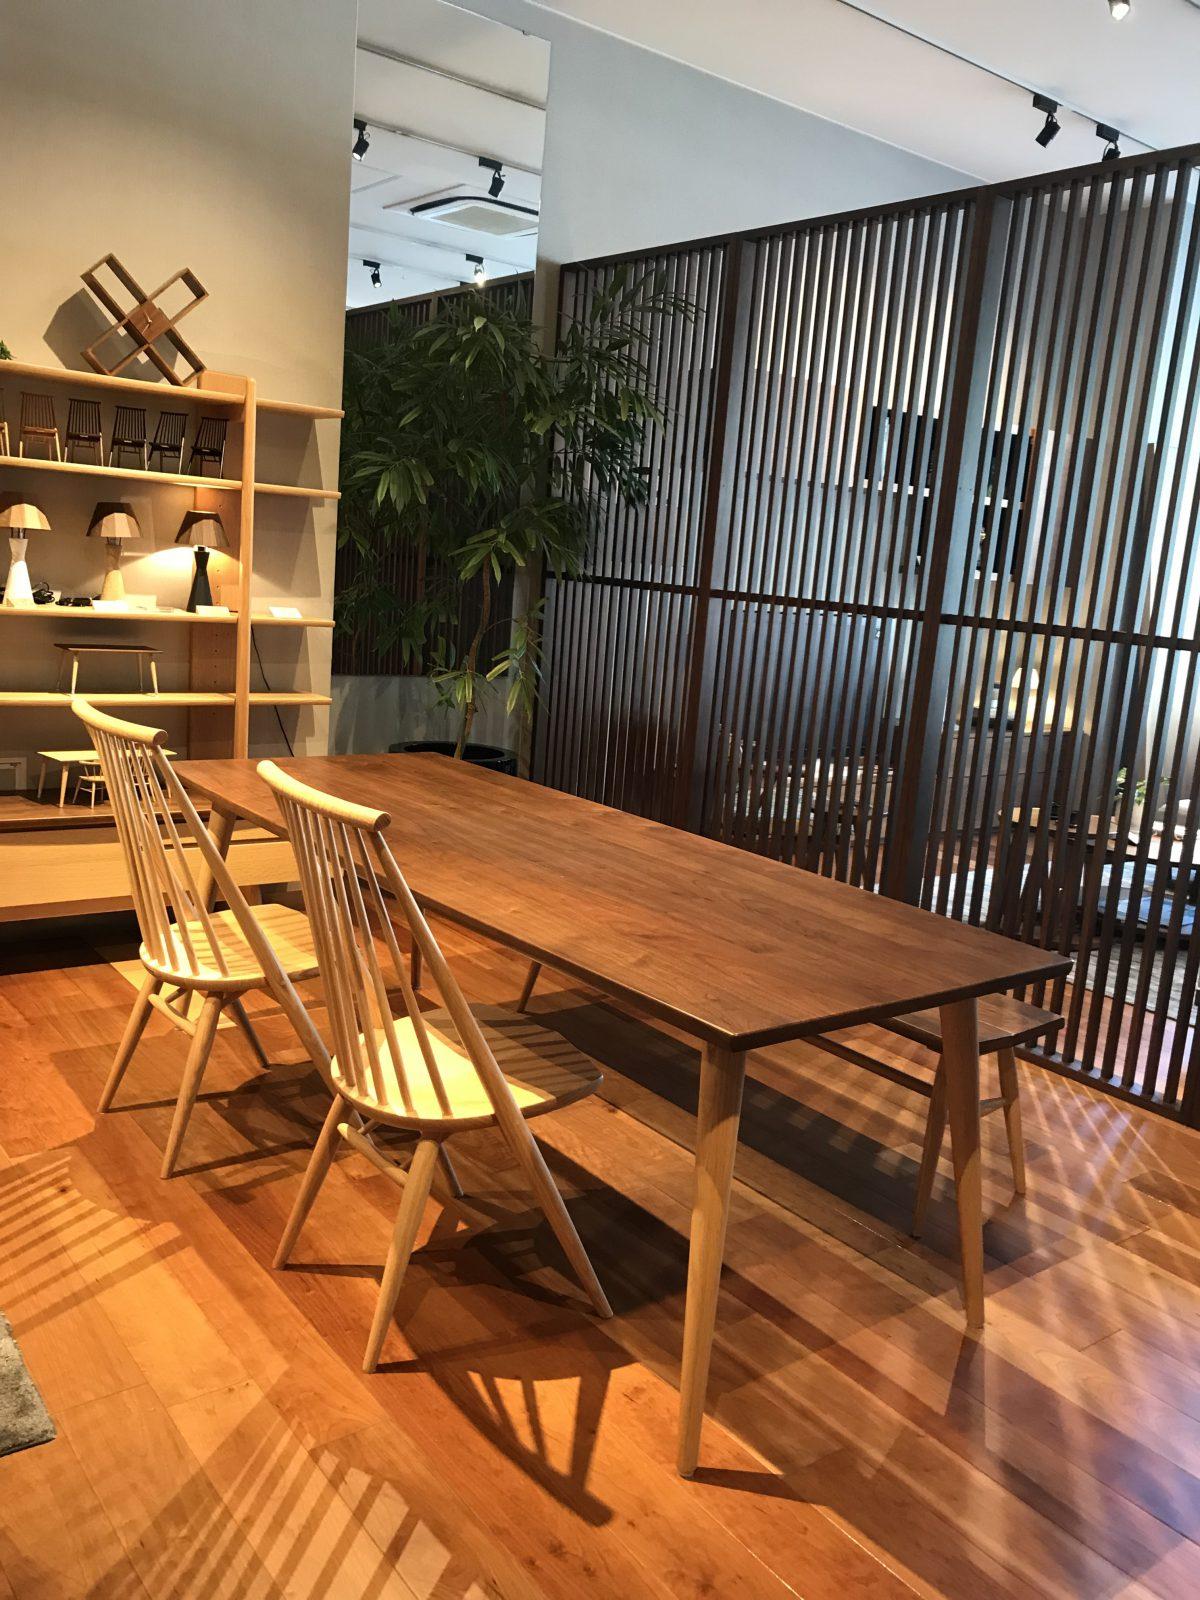 【お客様からお問い合わせをいただきました】シビルテーブルとシビルチェアの組み合わせ